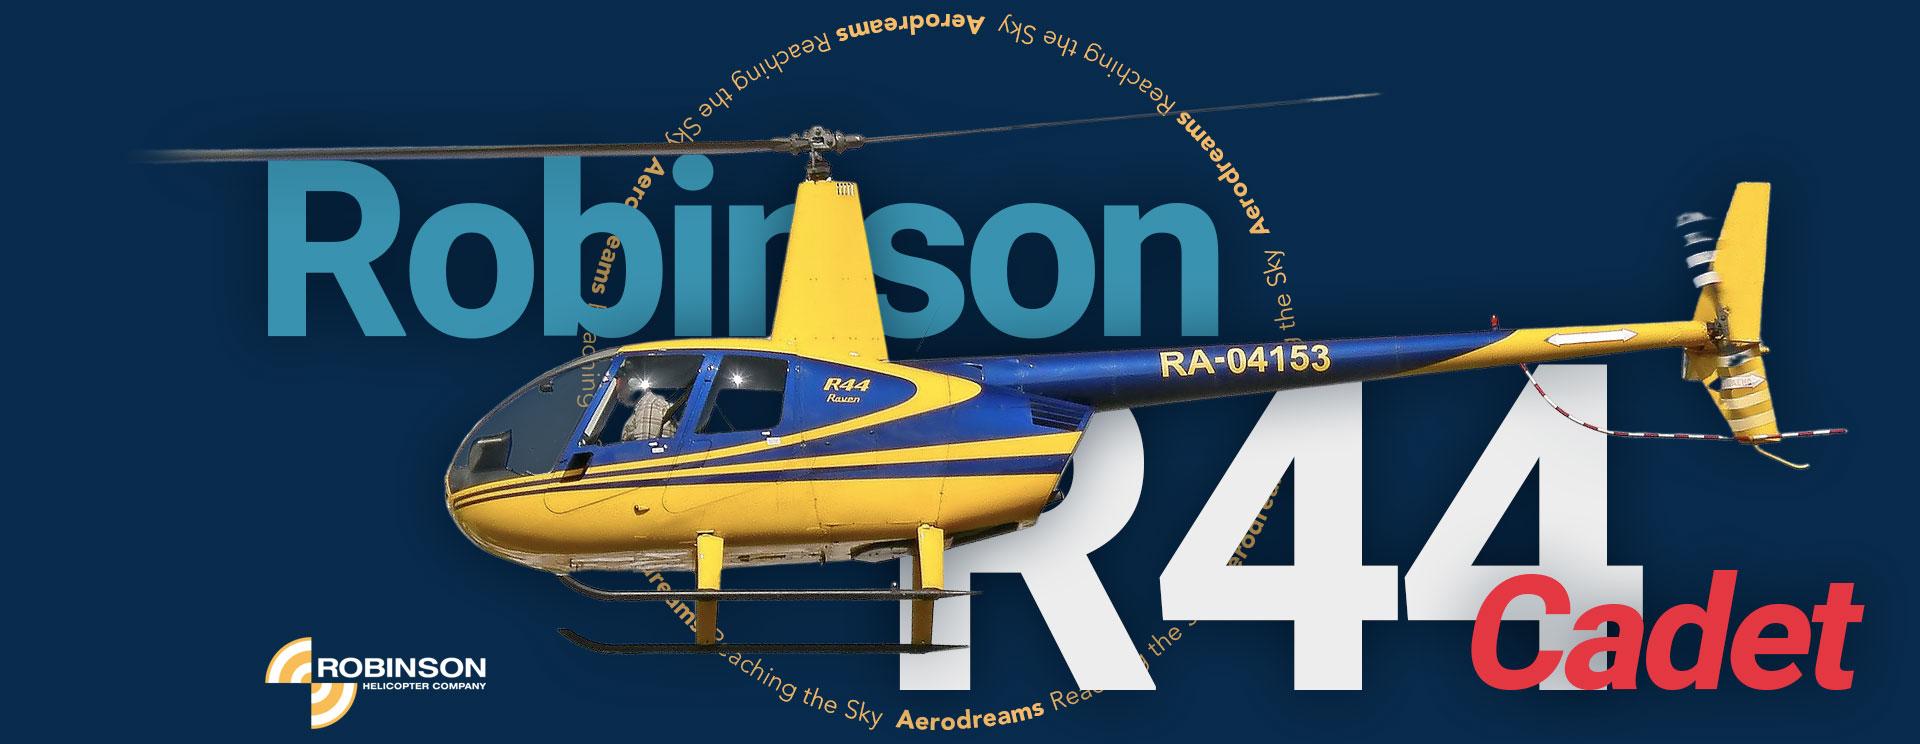 r44_cadet